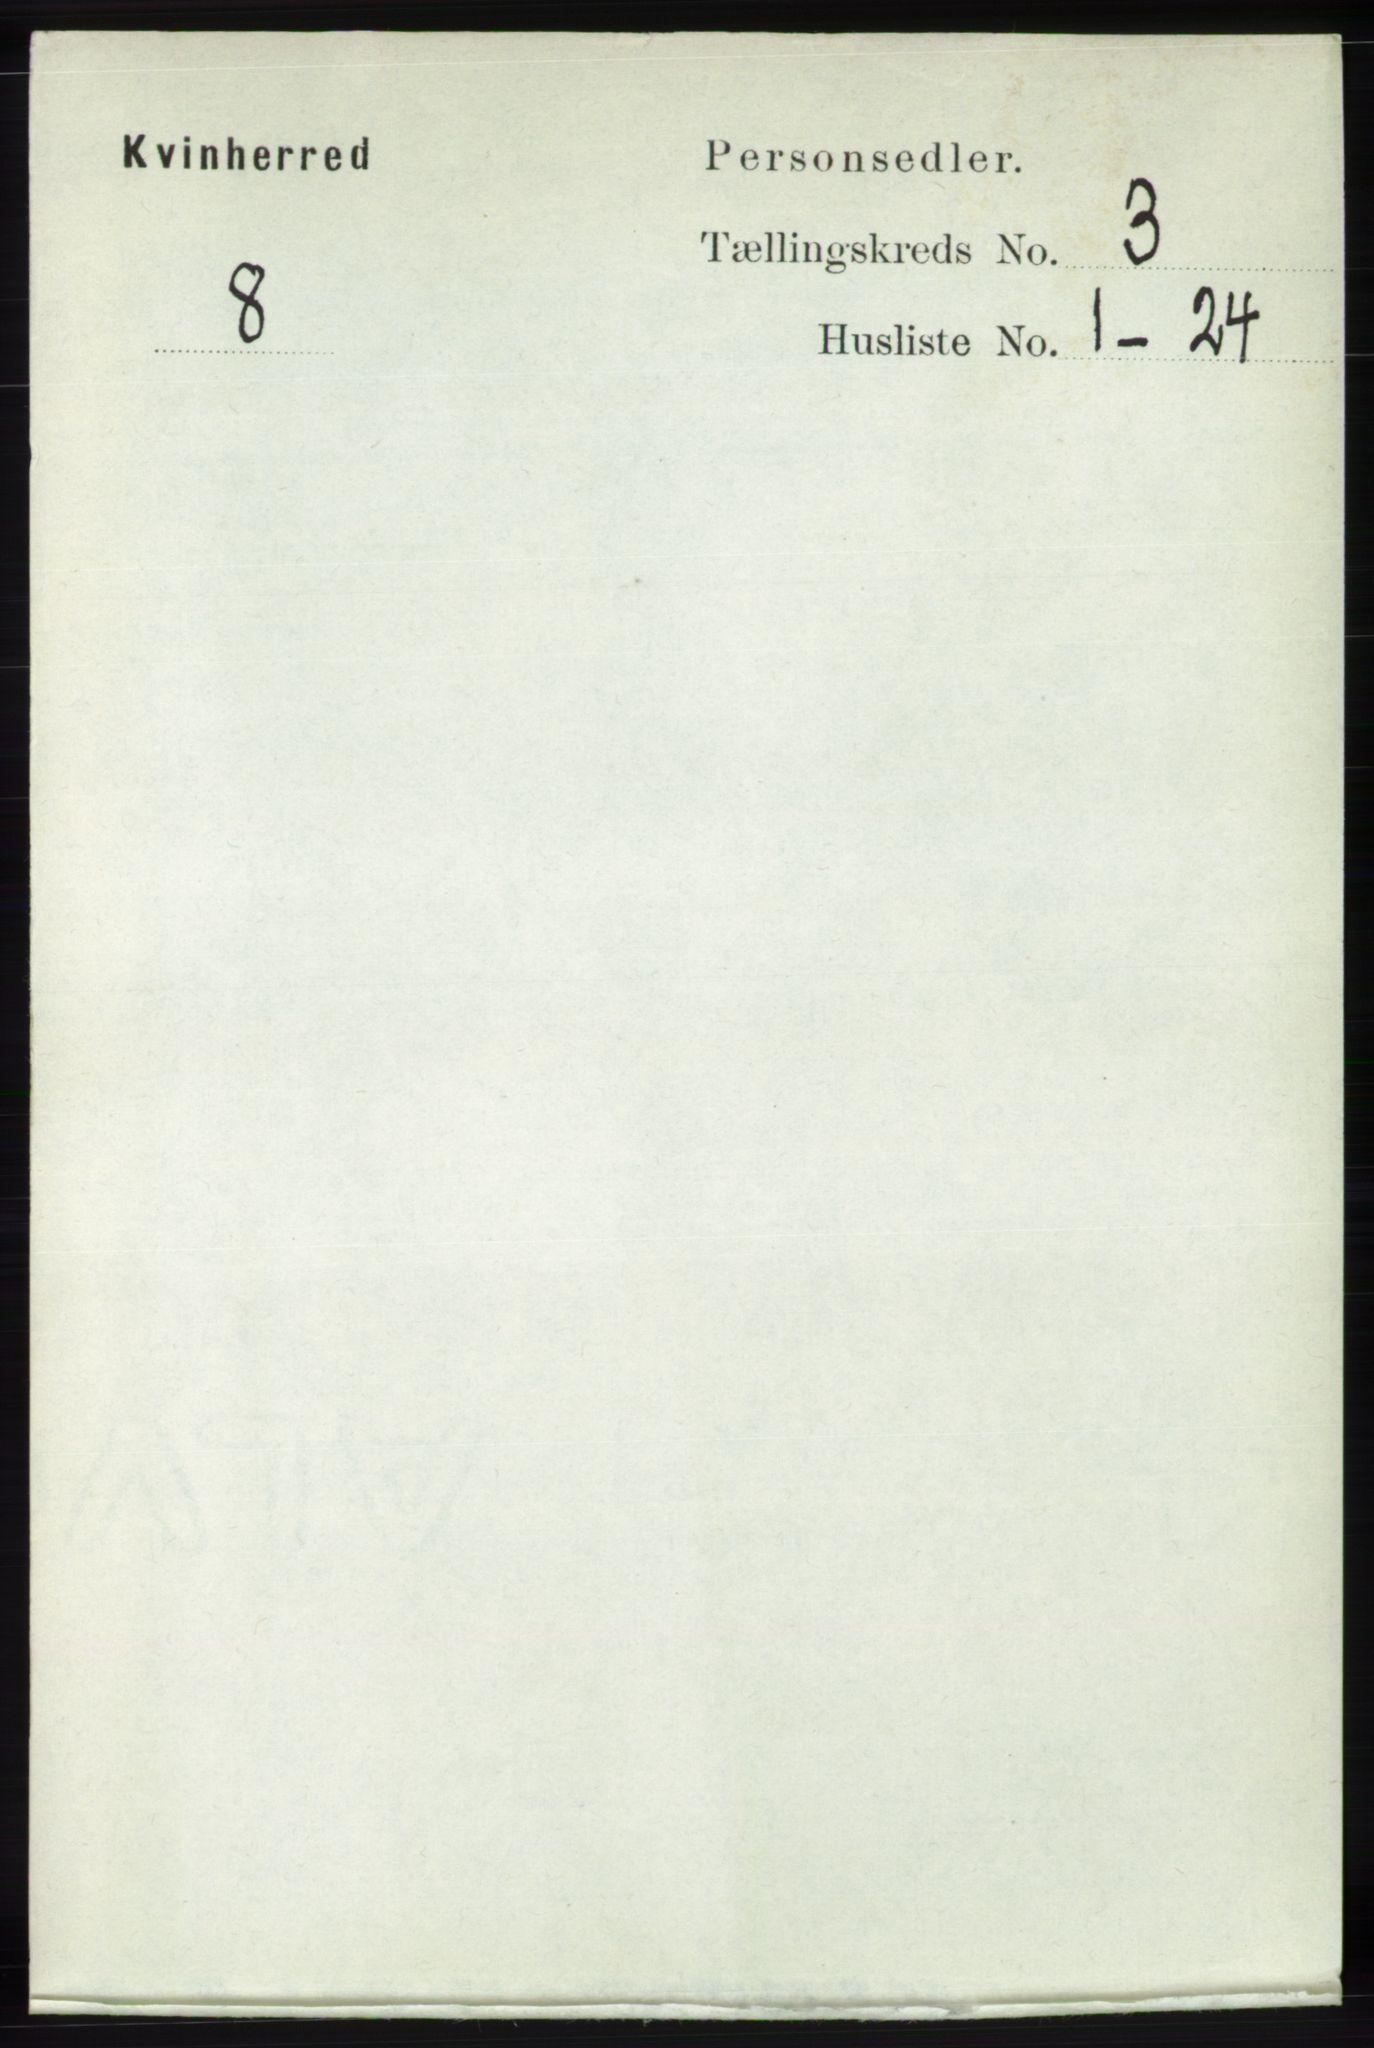 RA, Folketelling 1891 for 1224 Kvinnherad herred, 1891, s. 889